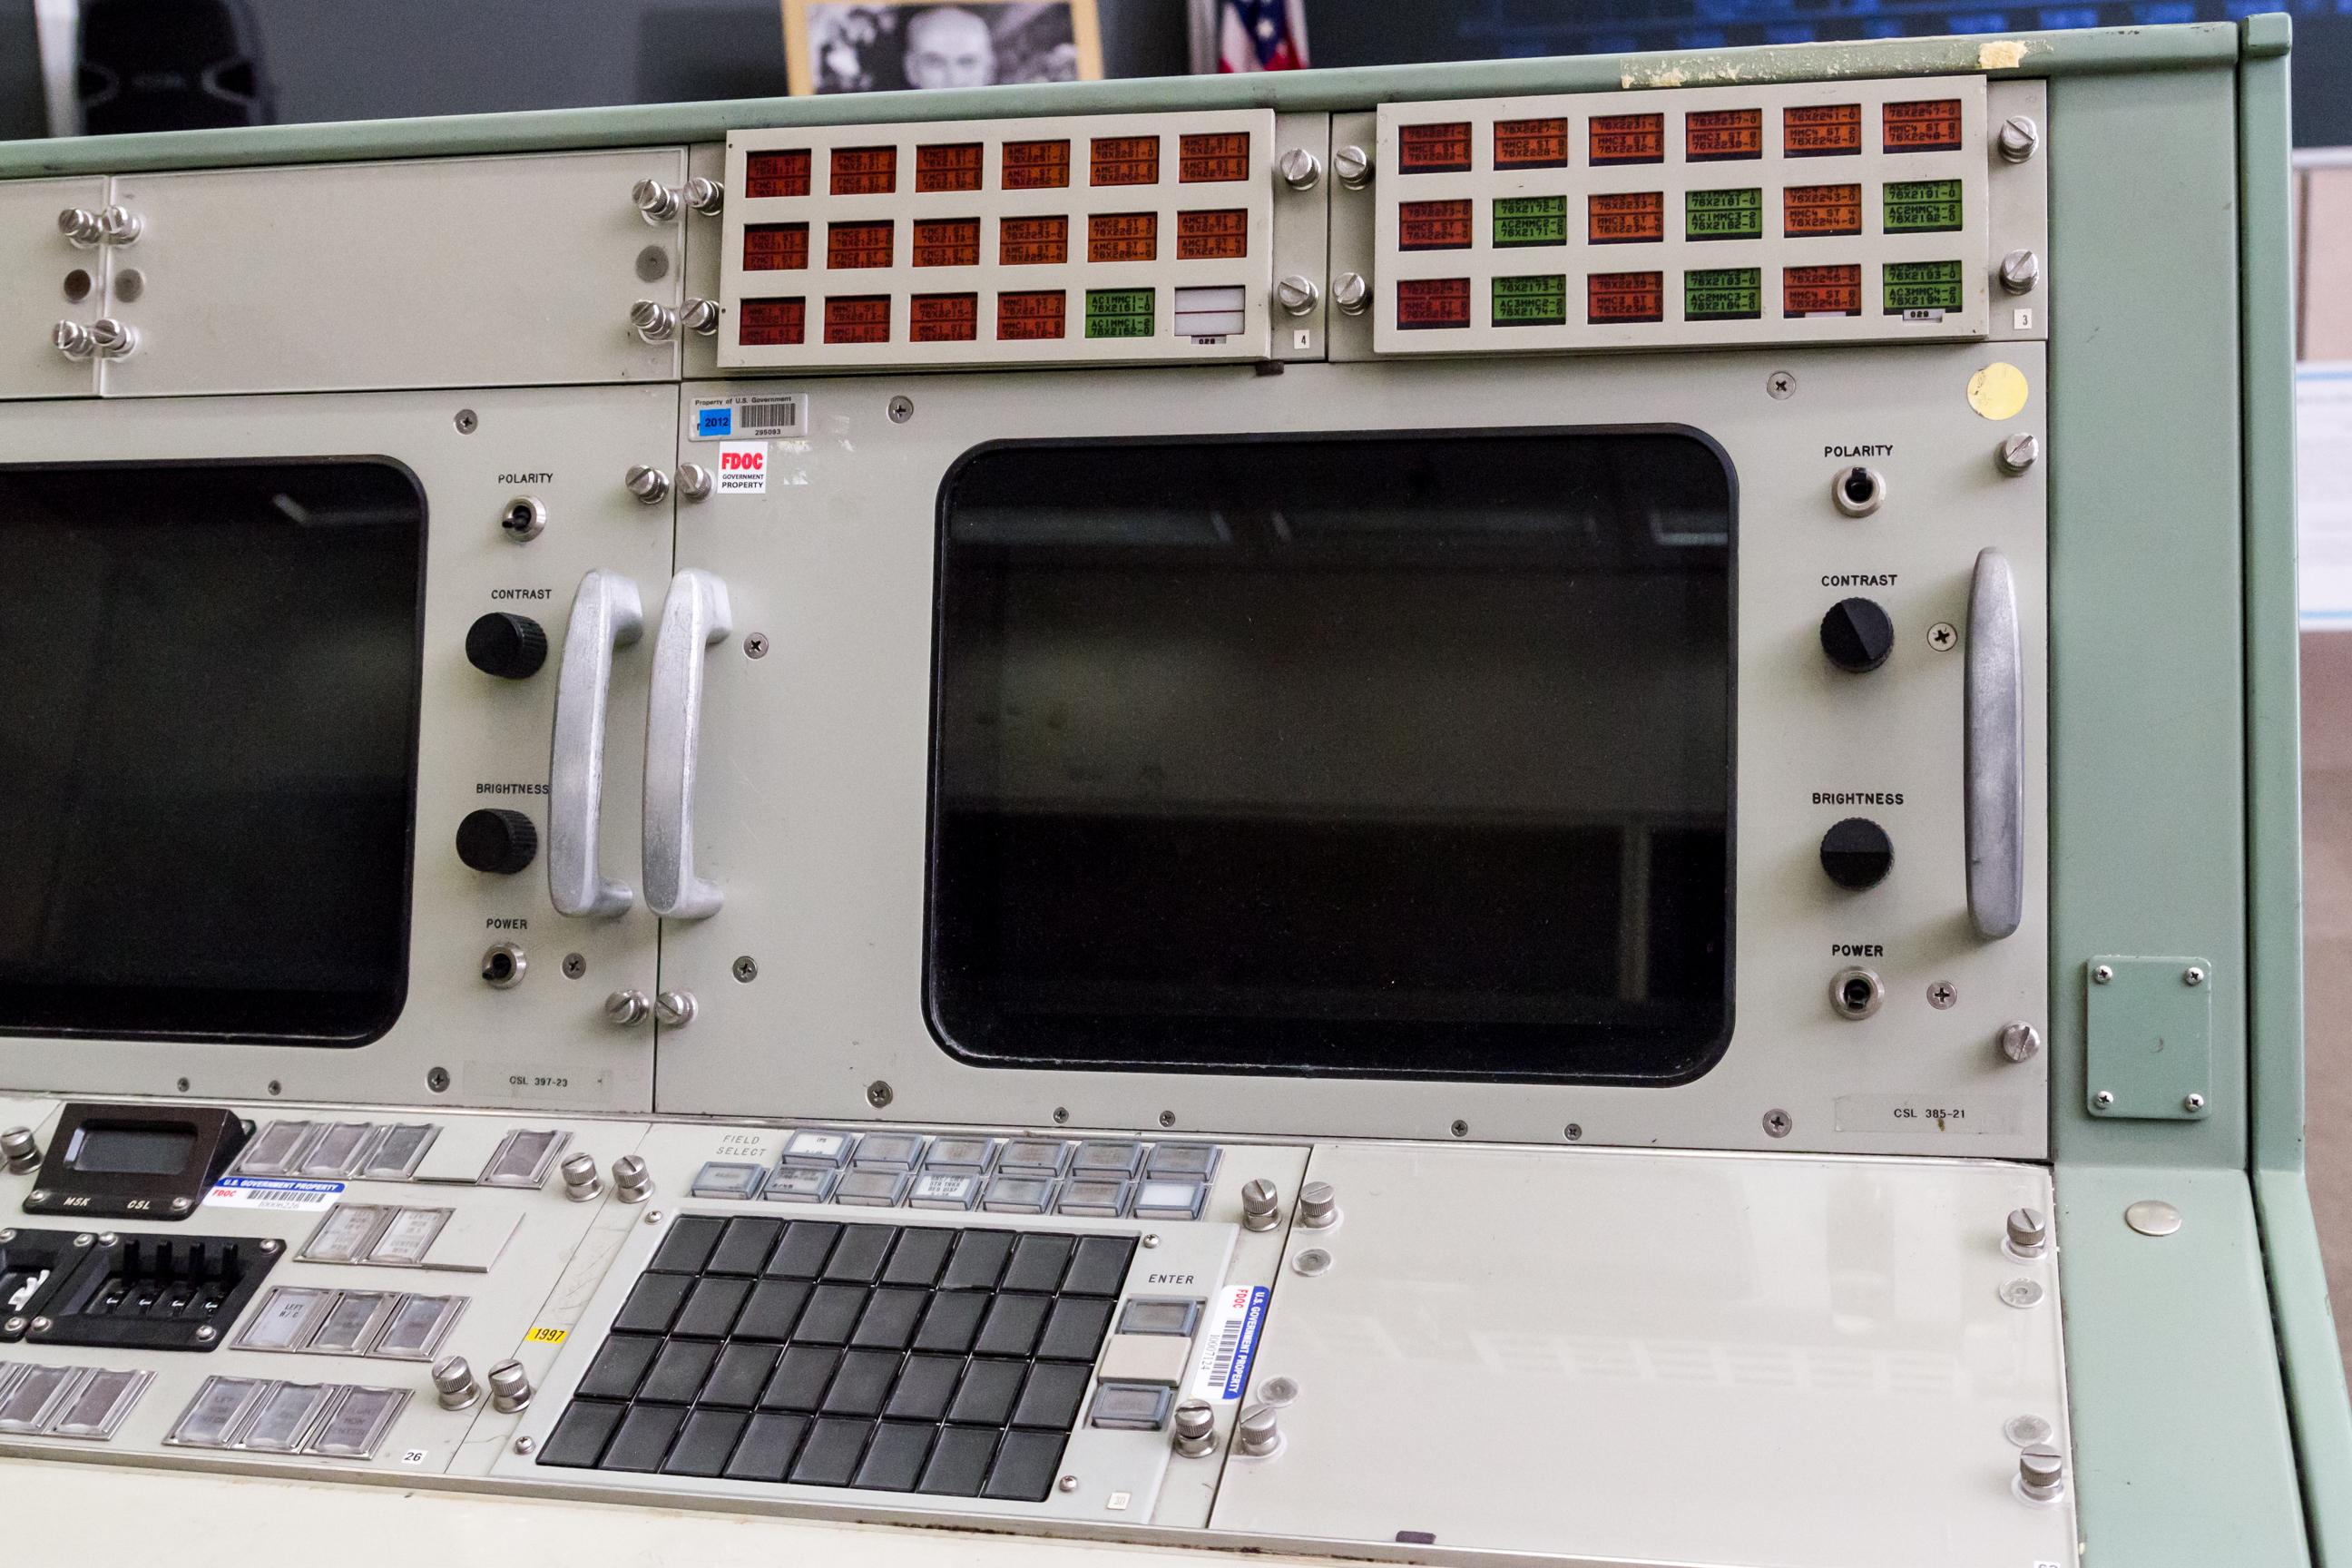 RETRO's console today.